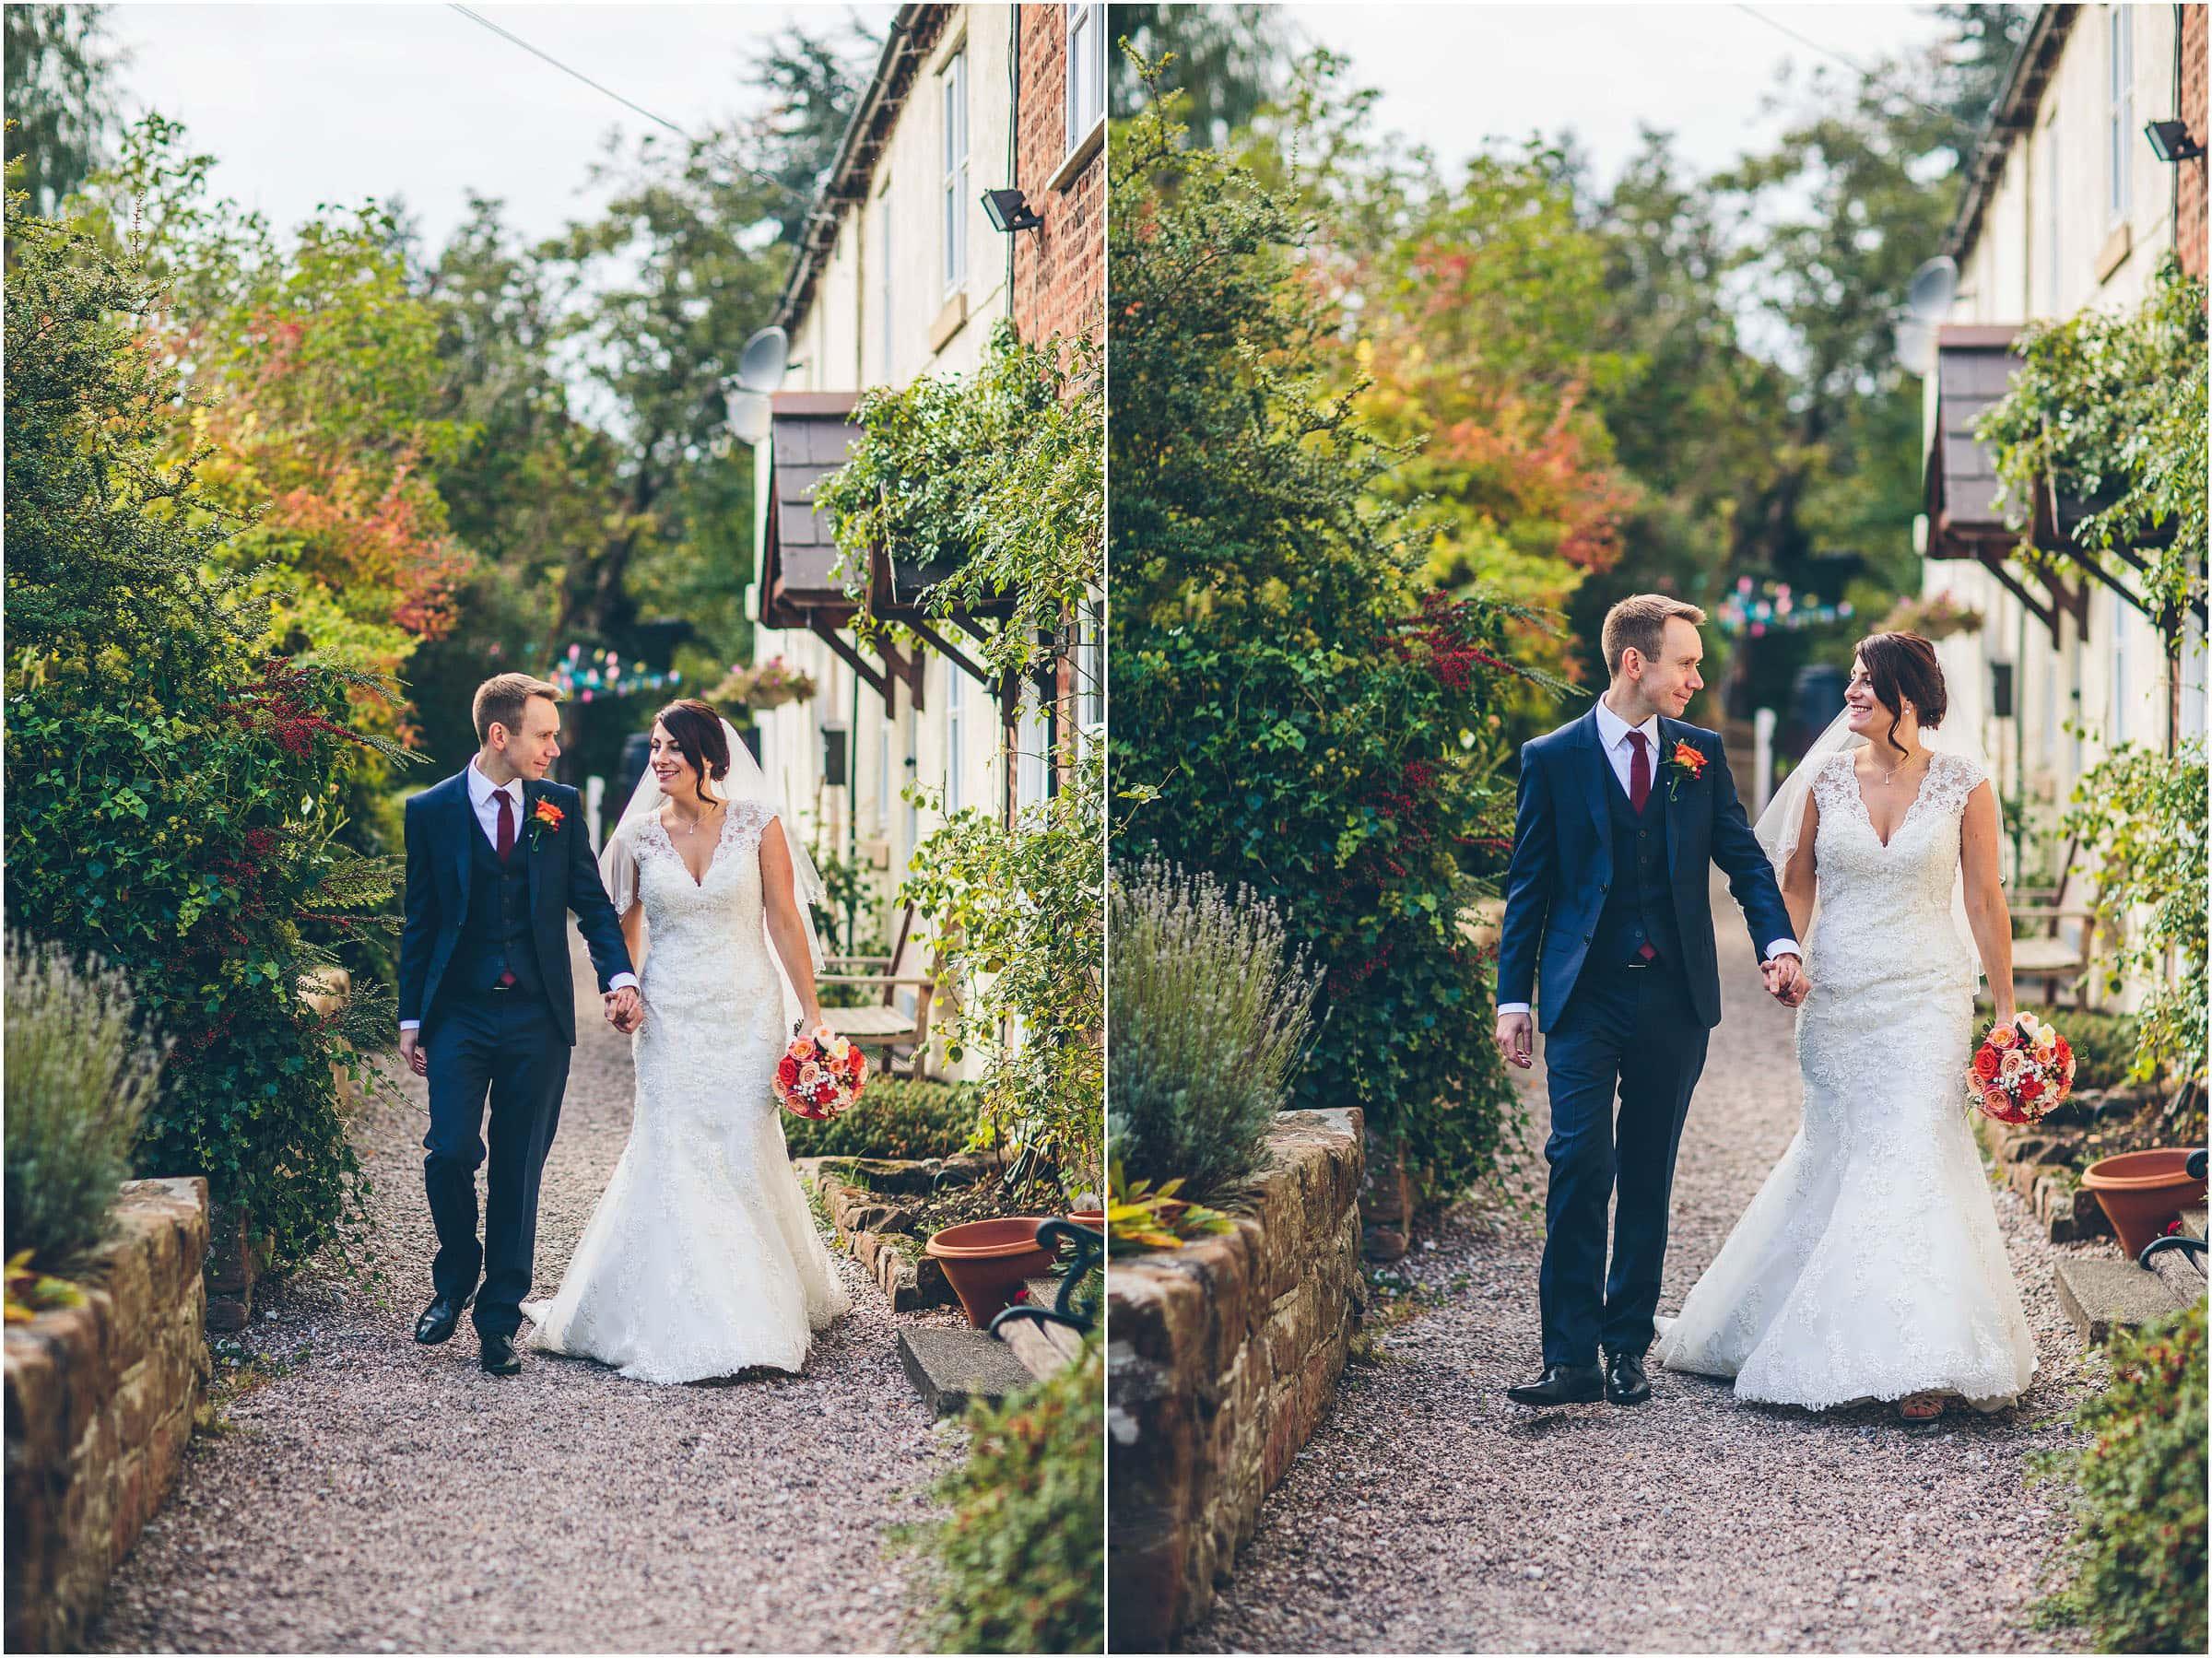 cock_obarton_wedding_photography_0077